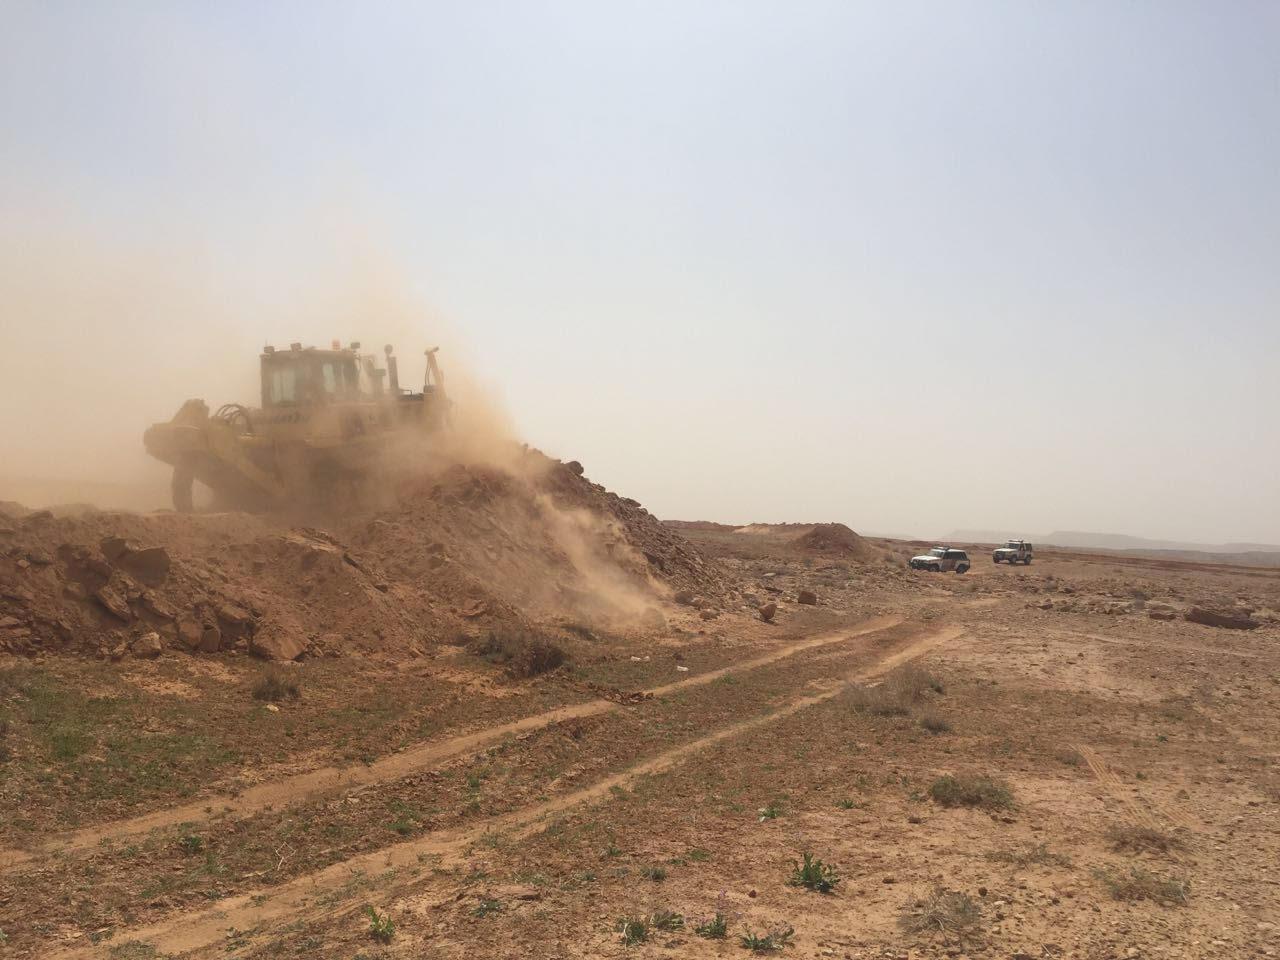 ازالة تعديات على أراض حكومية في مدينة سكاكا (2)